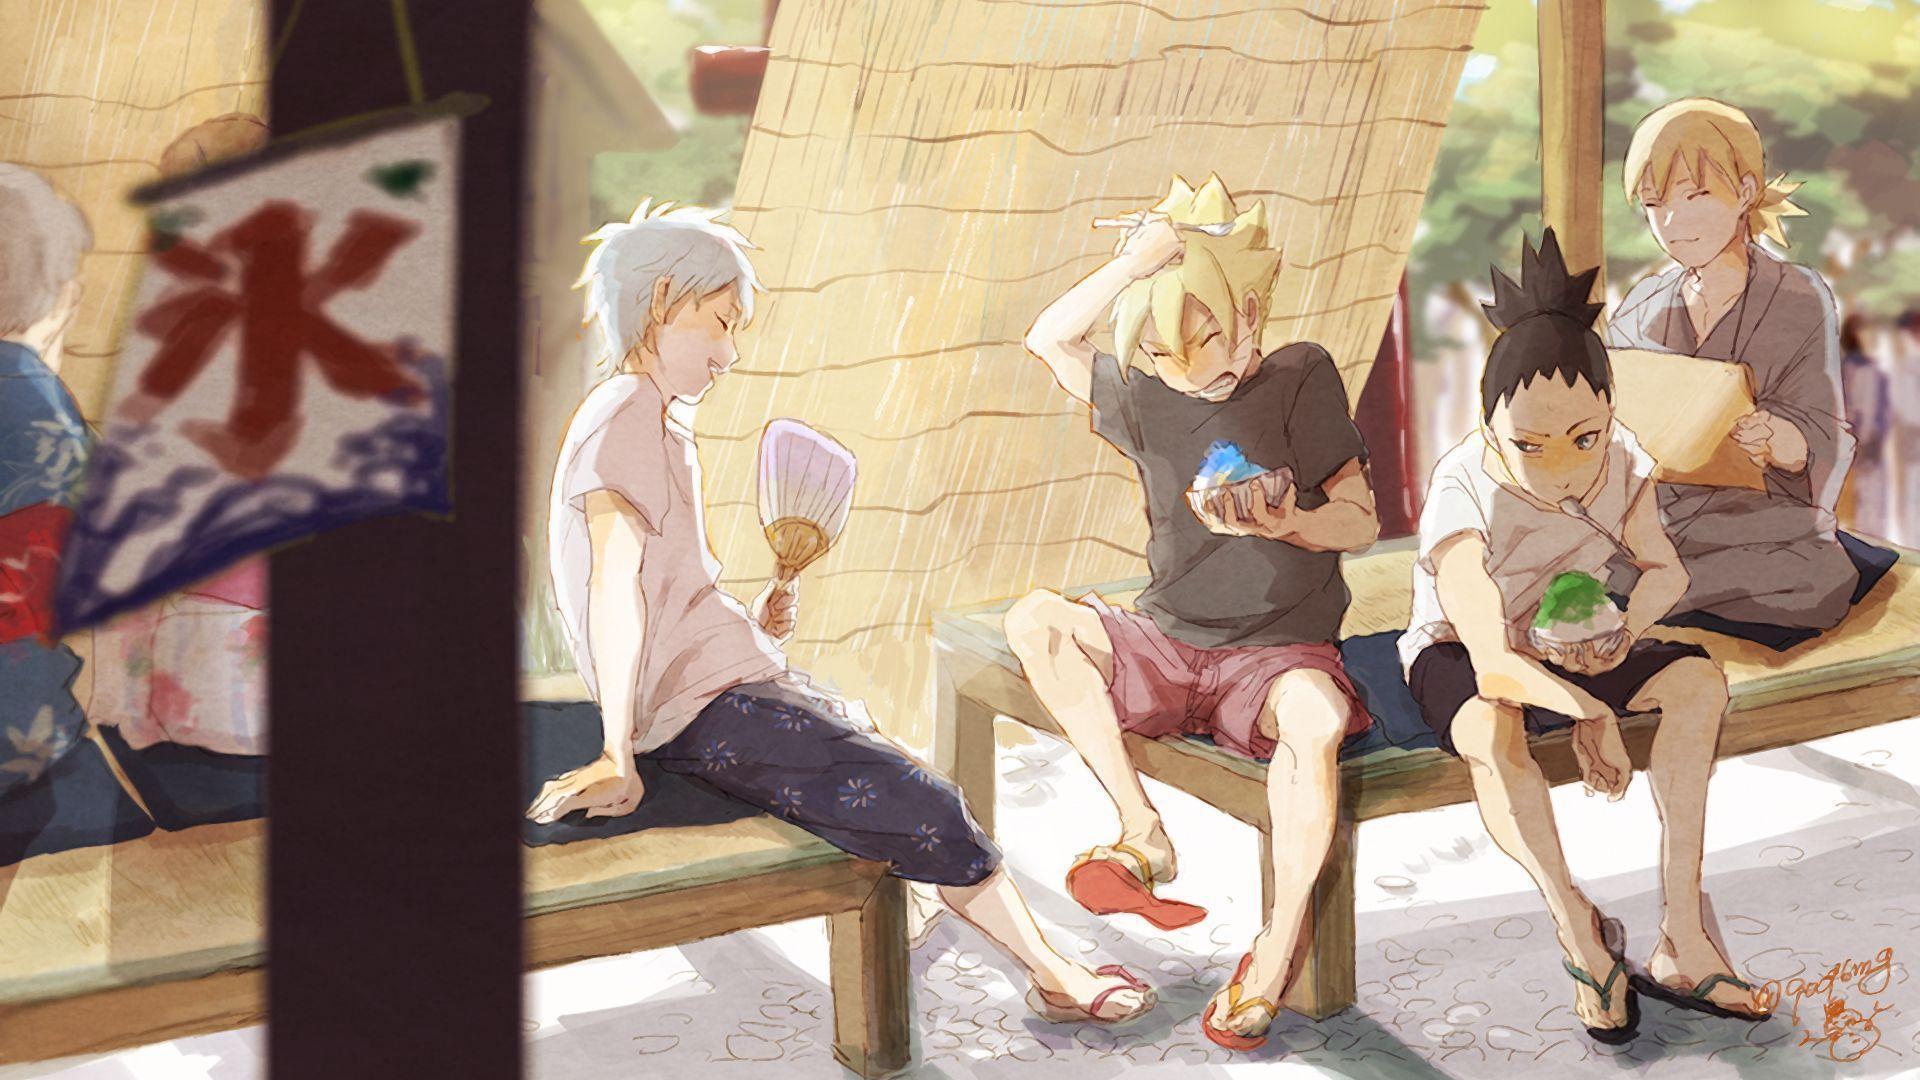 Naruto Team 7 Wallpaper Cute Shikadai Nara Naruto Wallpapers Wallpaper Cave